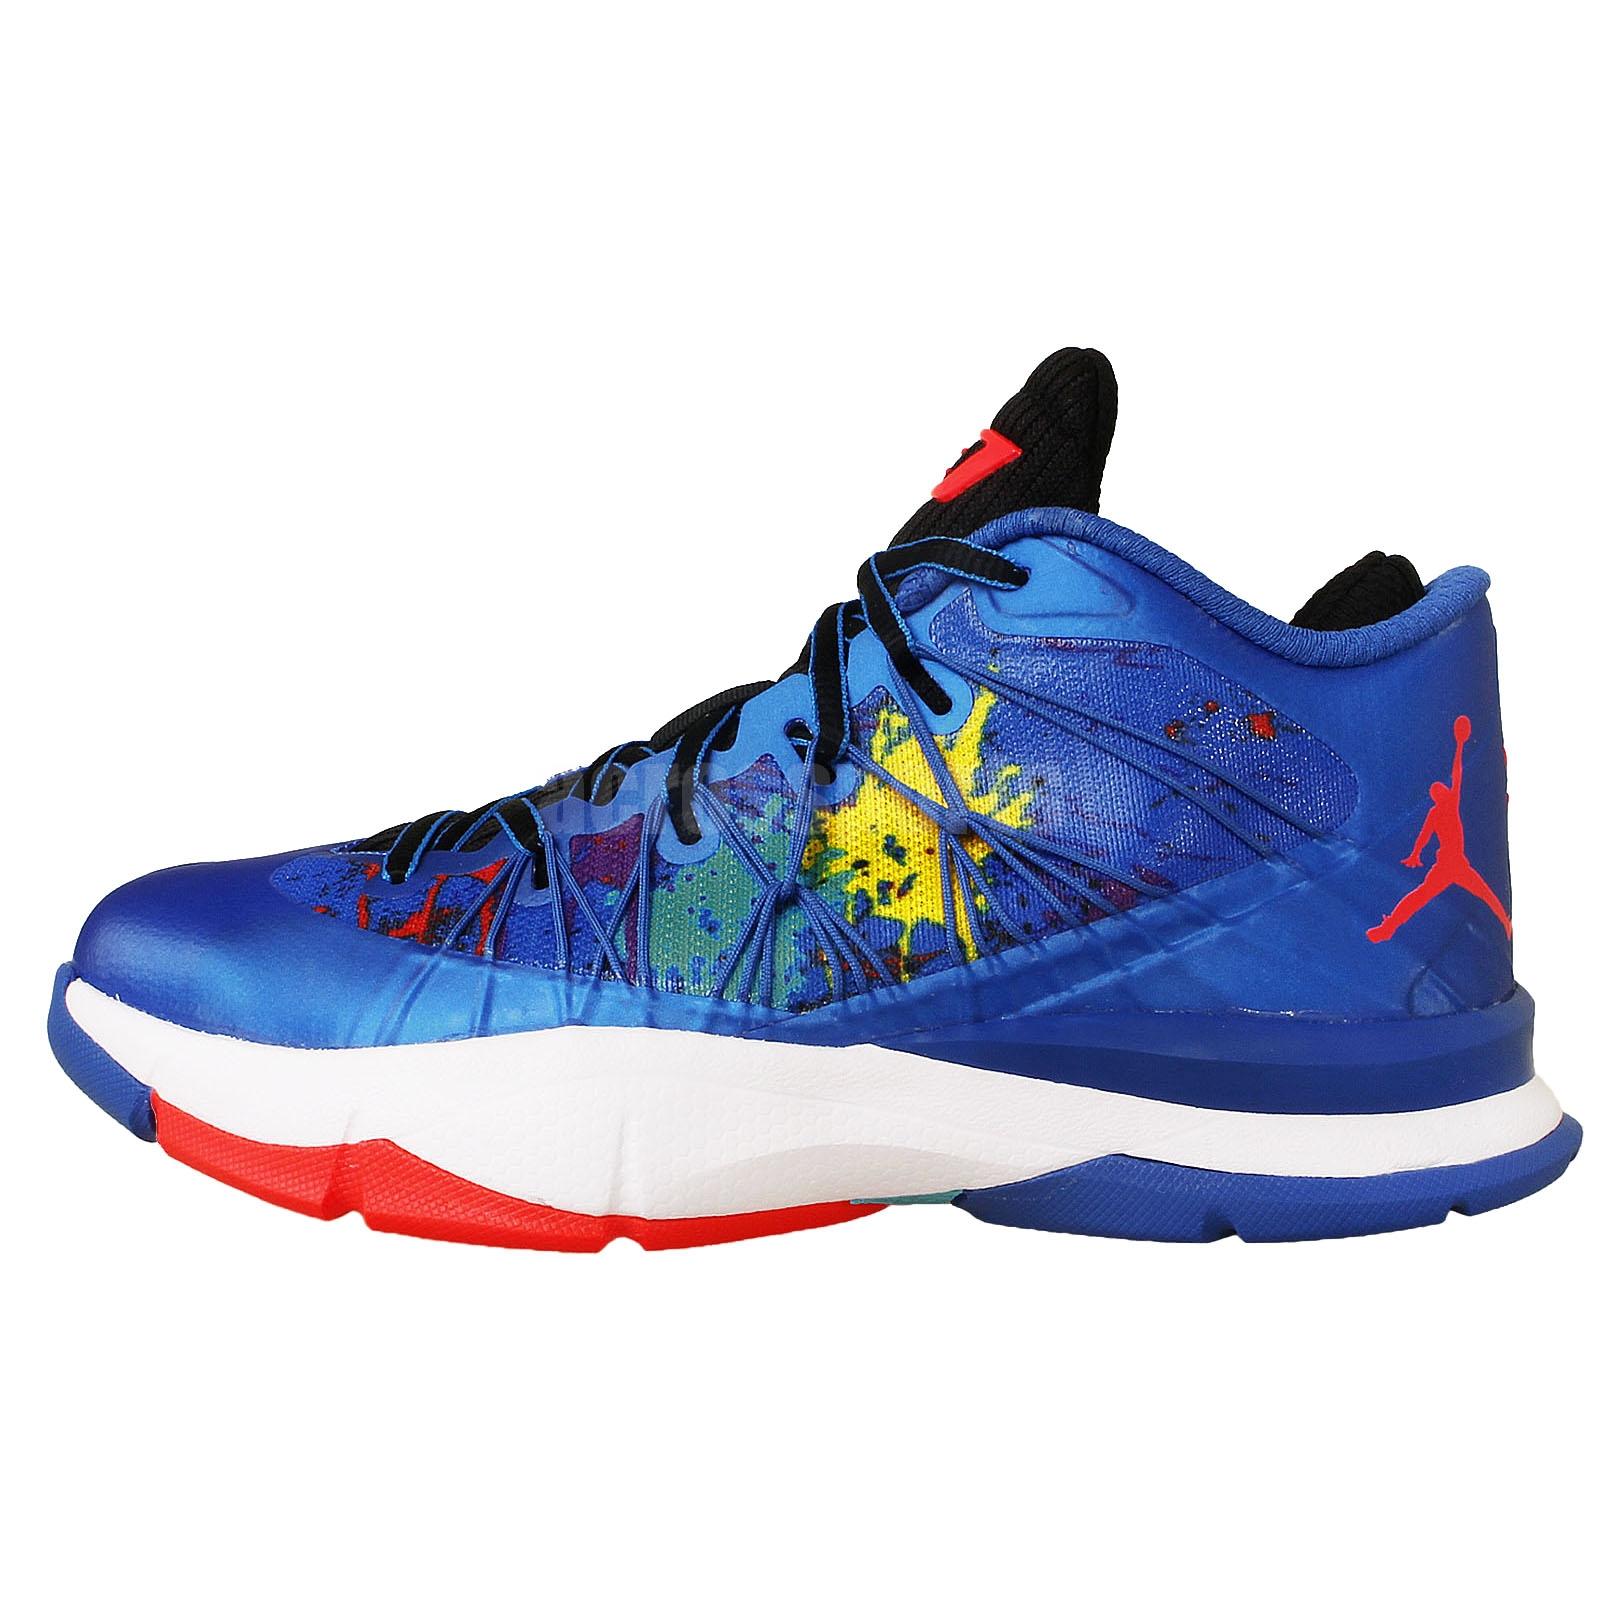 Elbplanke Ä Tännsch N Please: Nike Jordan CP3.VII AE BG GS Blue 2014 Chris Paul Youth